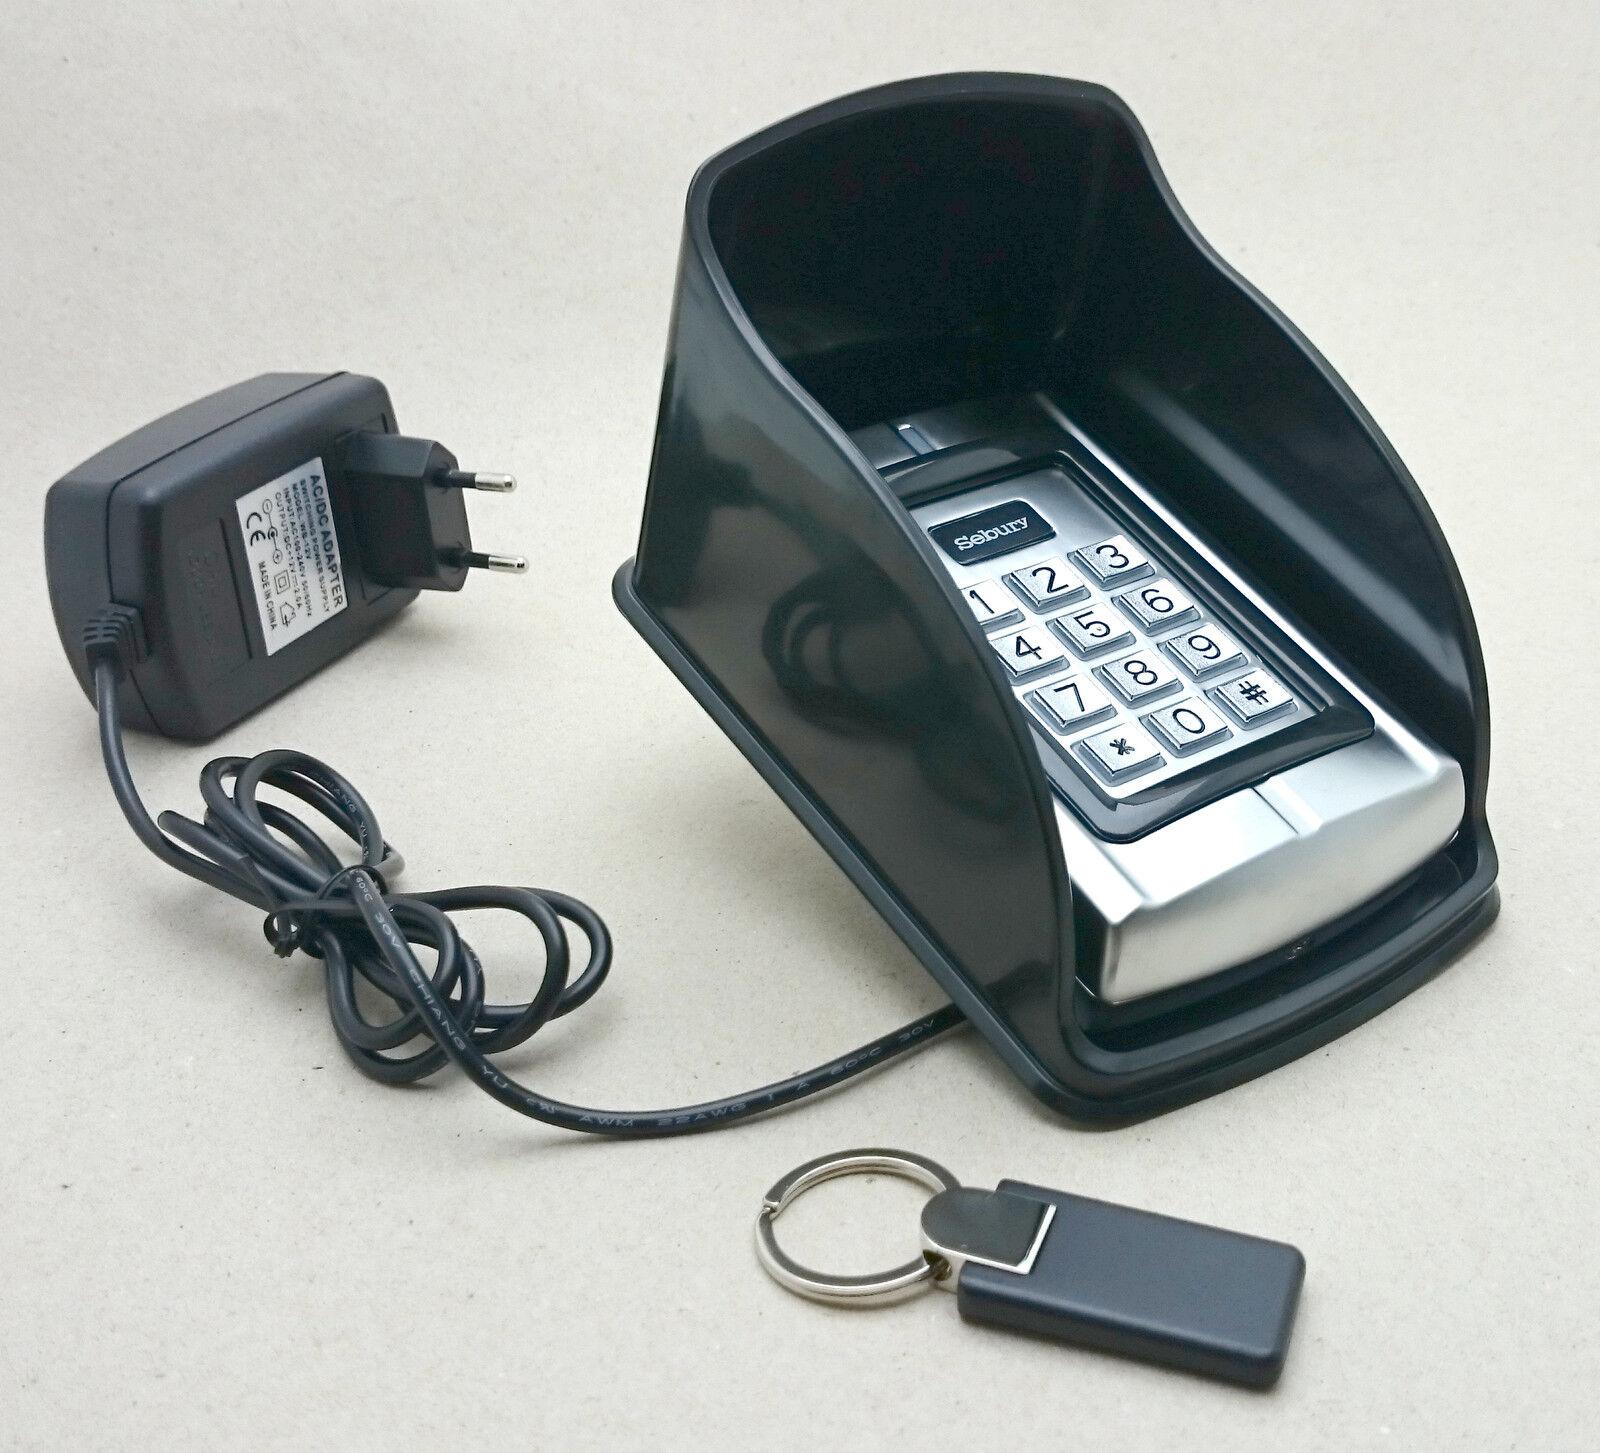 RFID- und PIN-Codeschloss BC-2000 + Design-Transponder, Schutzdach und Türöffner